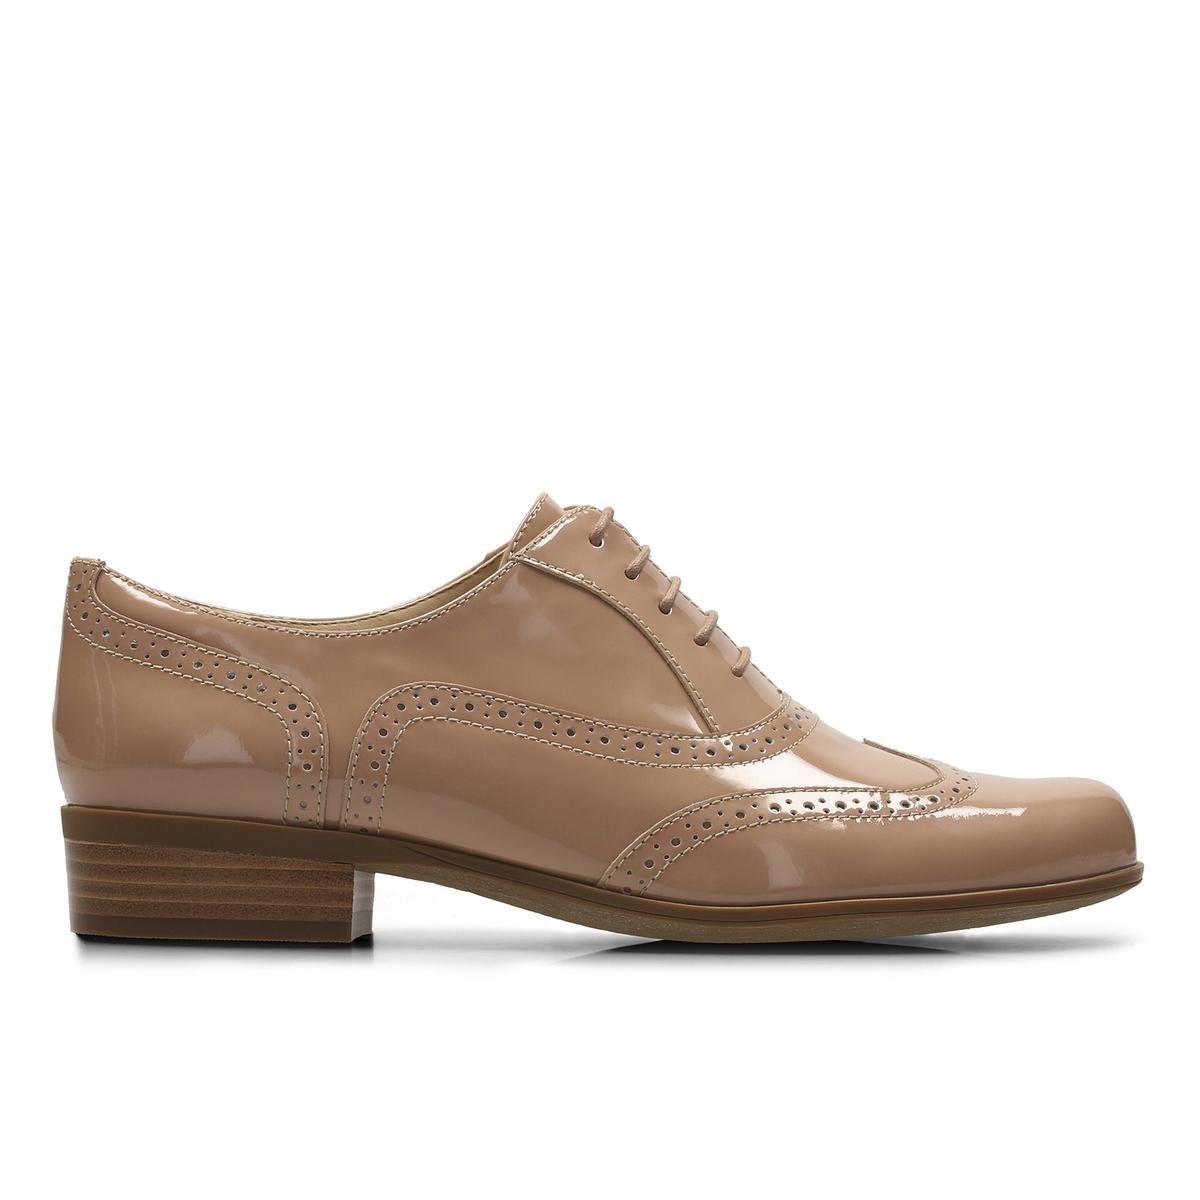 Ботинки-дерби из лакированной кожи  Hambloe Oak ботинки дерби clarks stafford park5